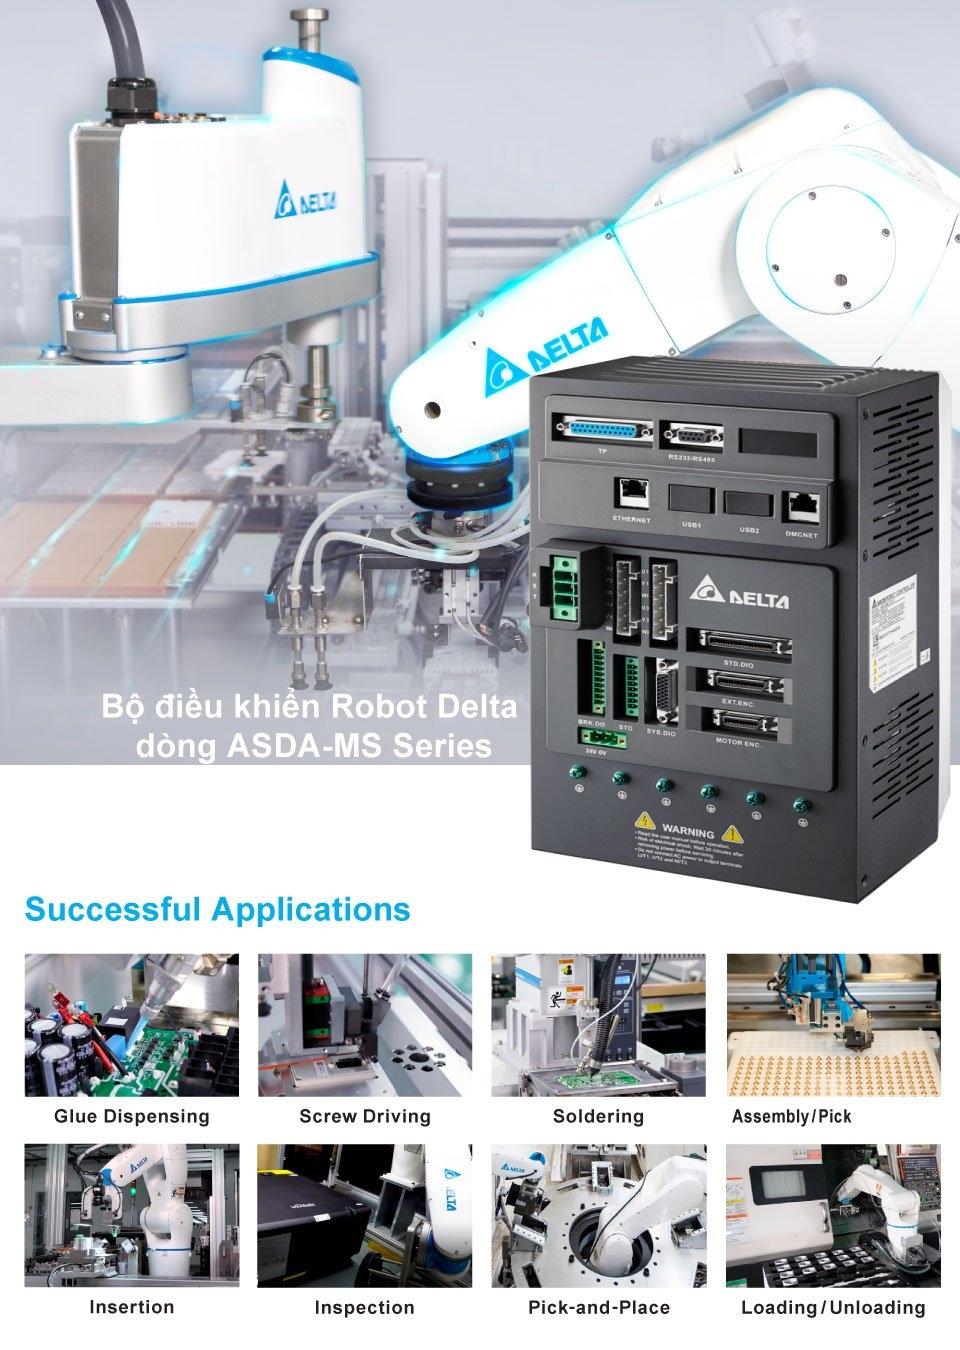 Robot controller ASDA-MS Series - Giải pháp tối ưu cho các ứng dụng Robot